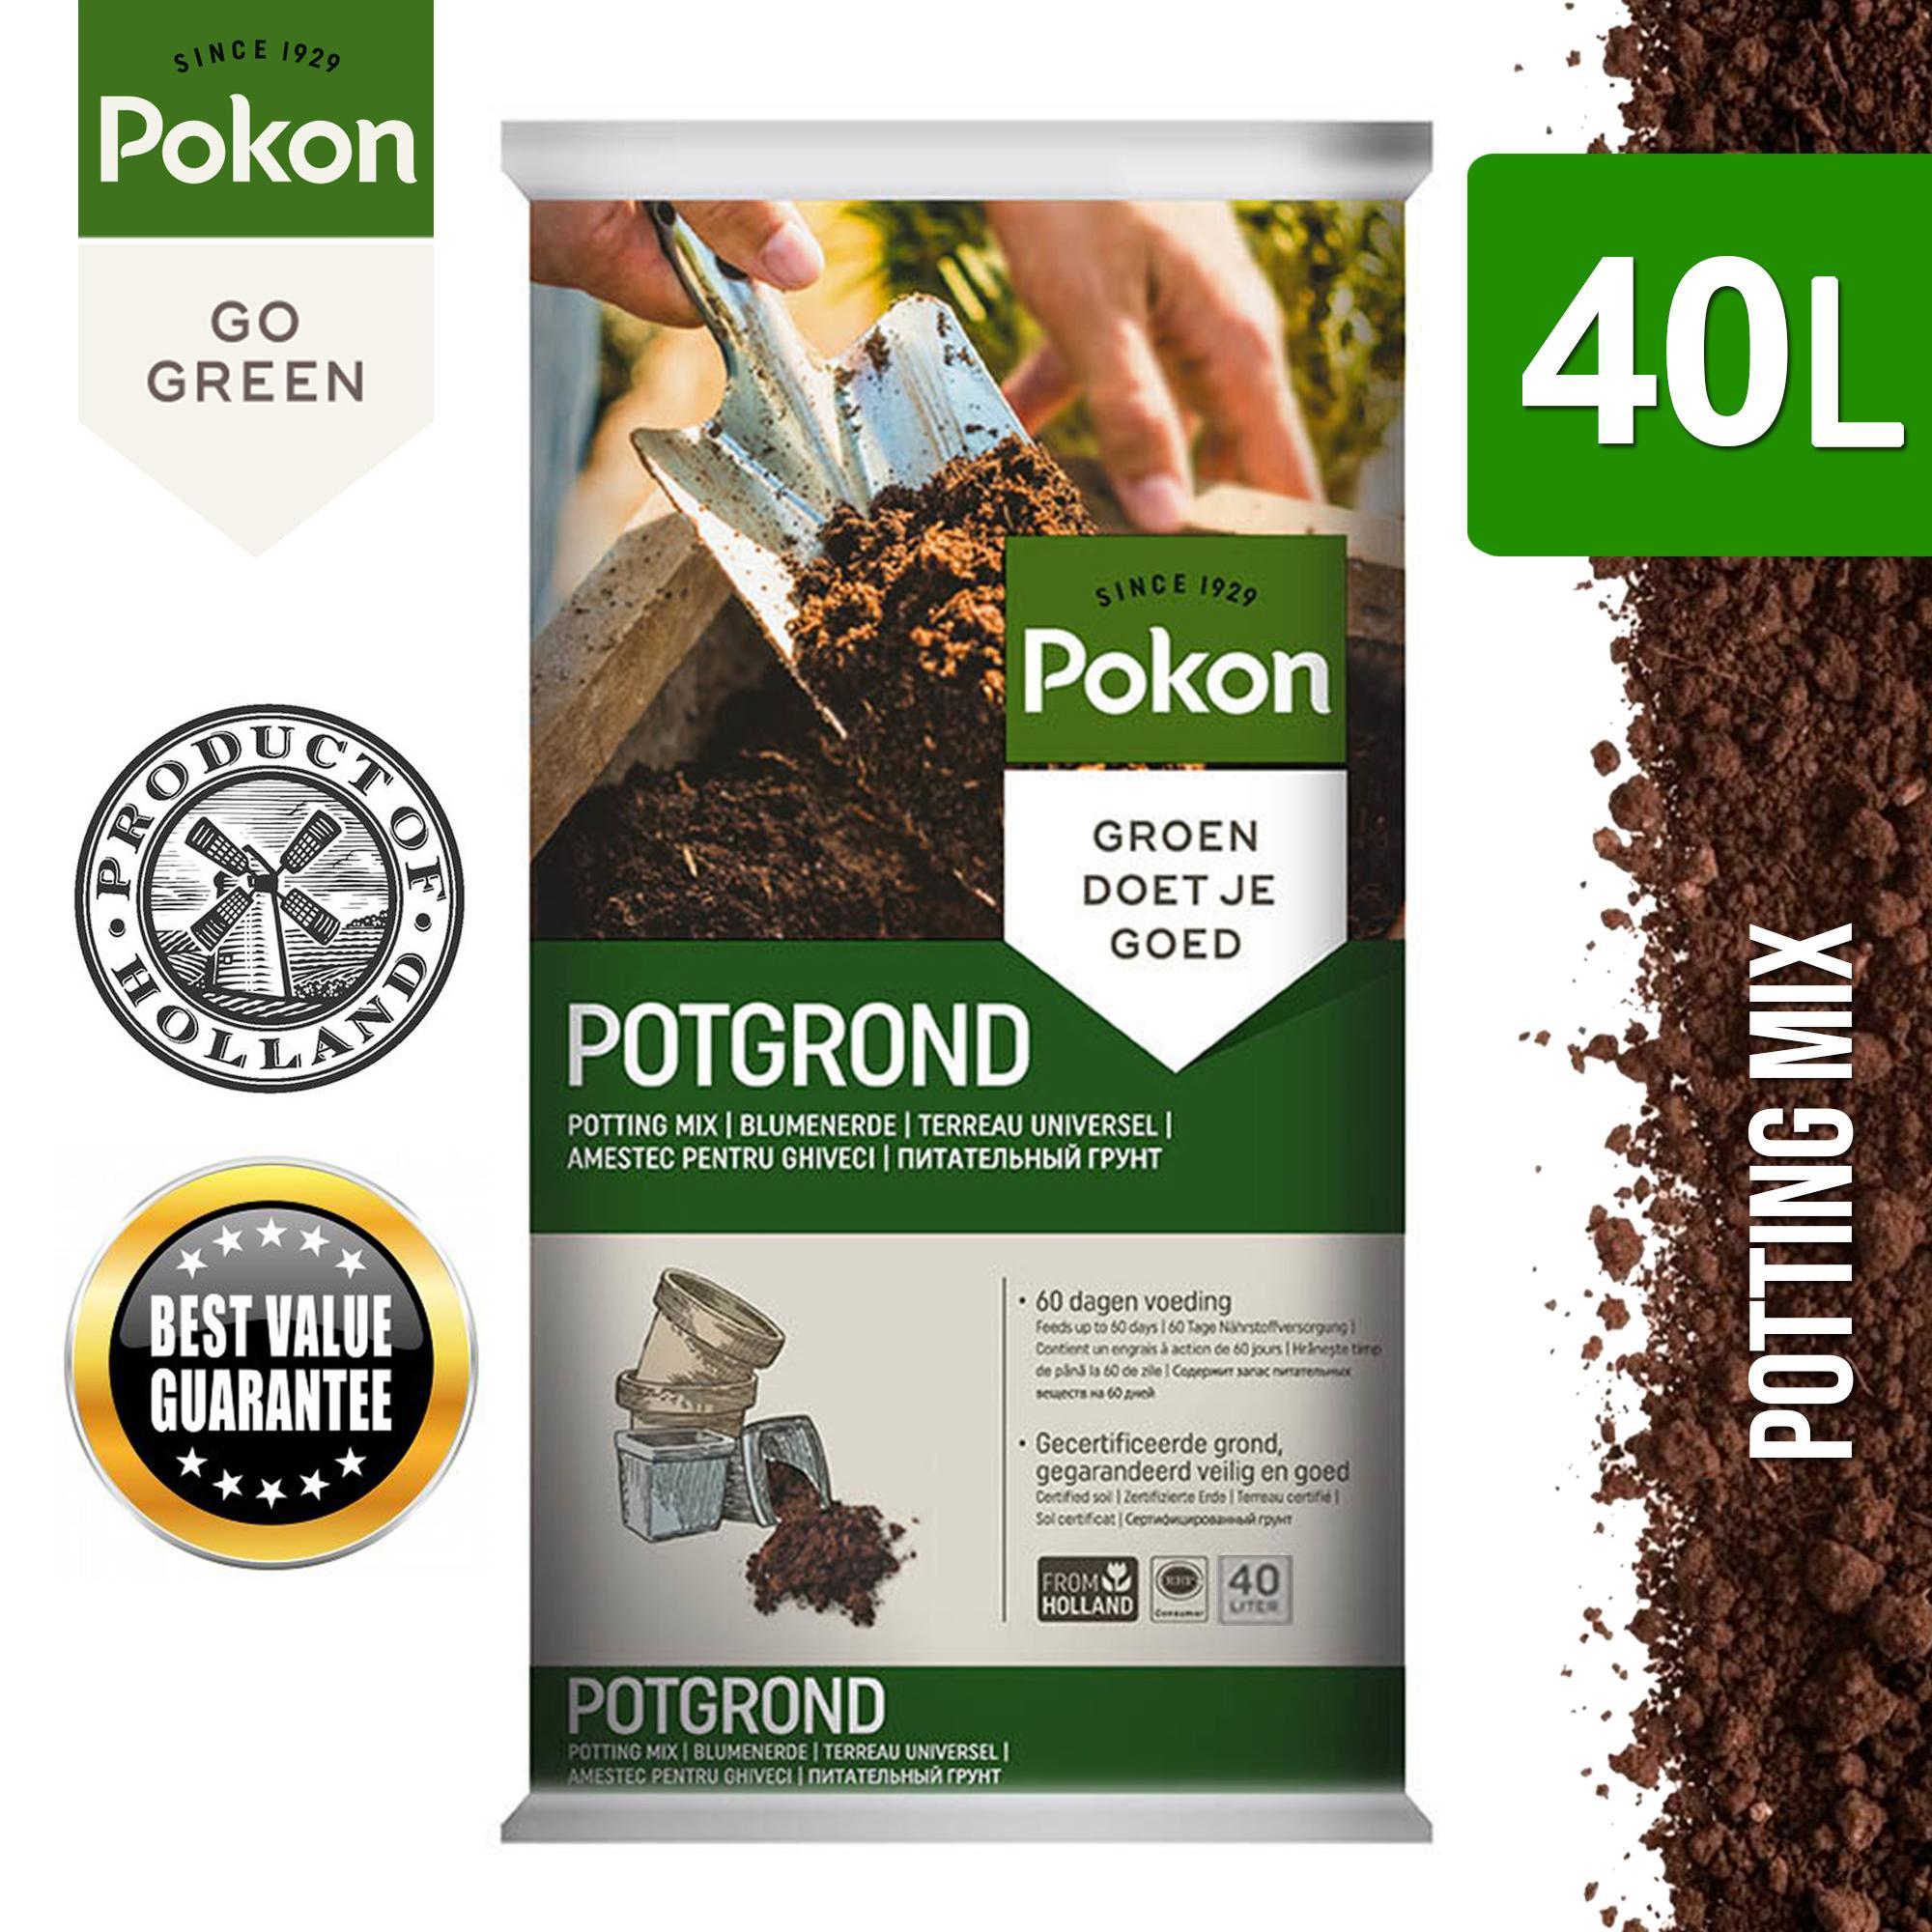 [Value Pack] Pokon Gardening Potting Mix Soil 40L